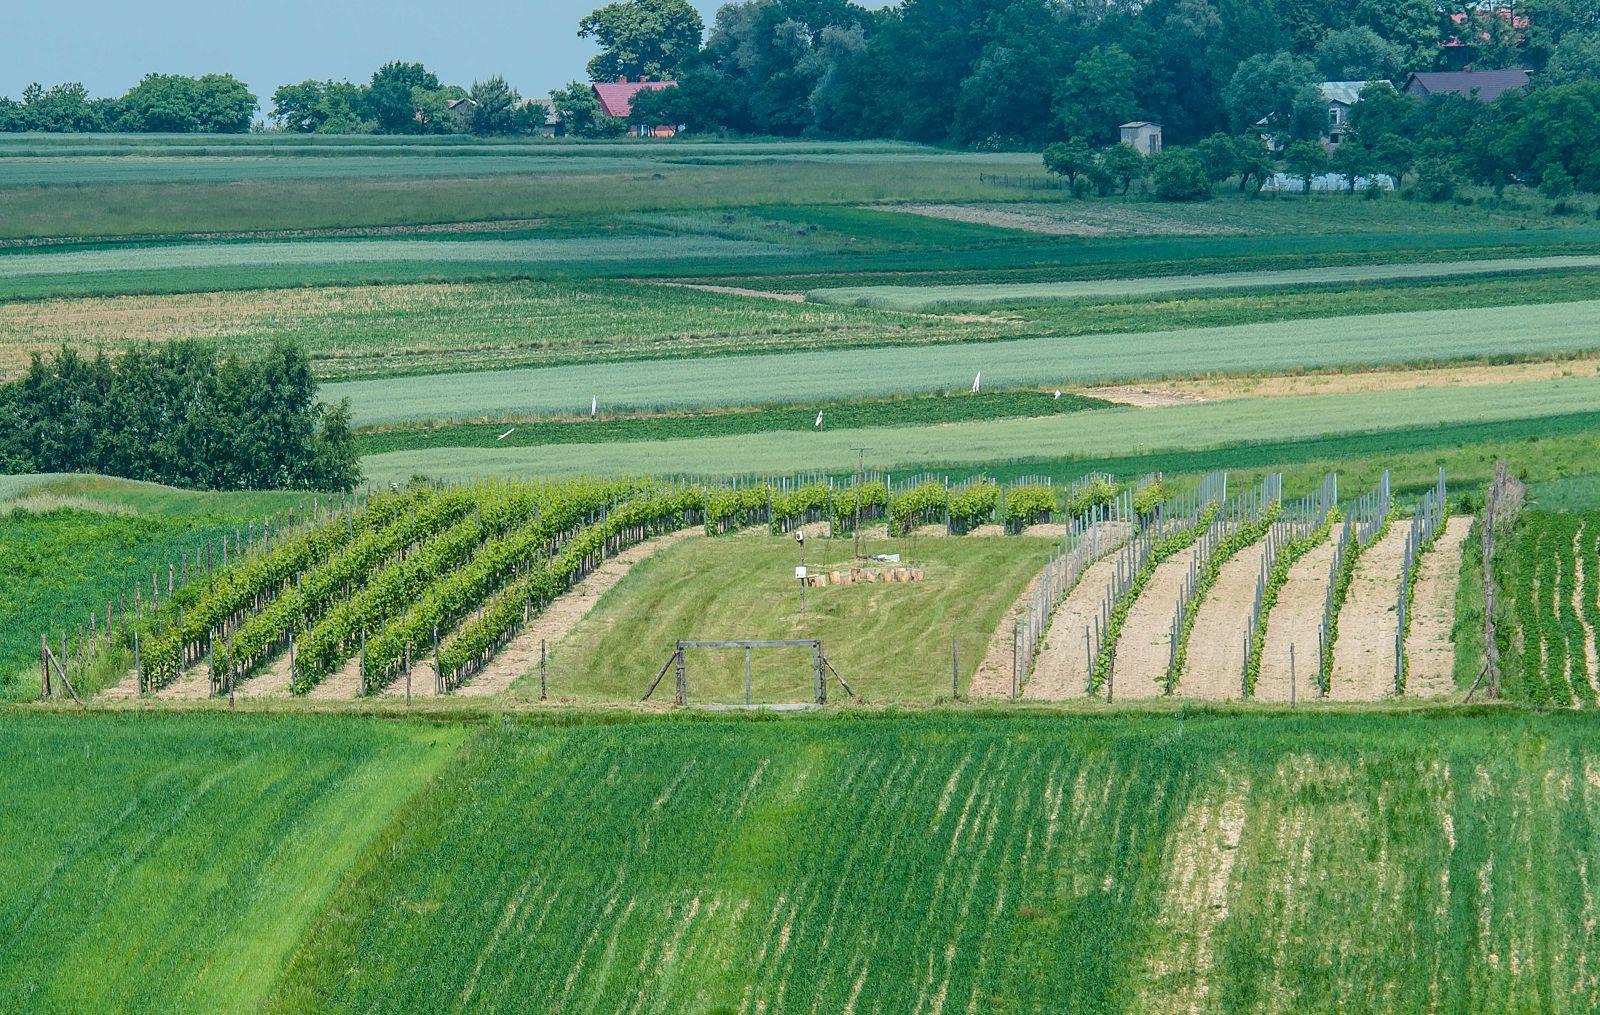 winnica, panorama, widok, krajobraz, wino, małopolska, jura, jurakrakowska, ojców